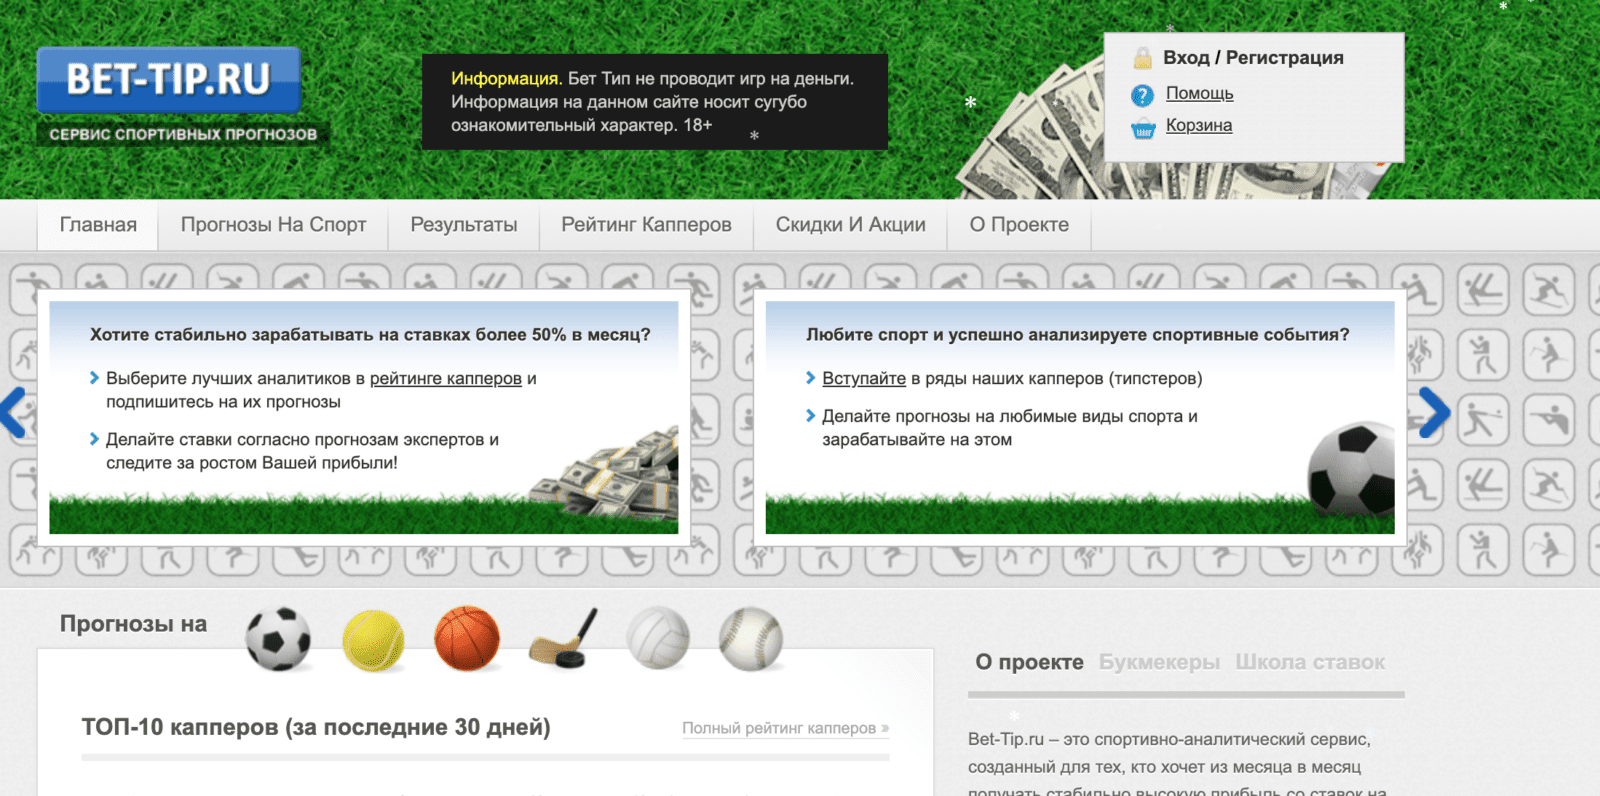 Главная страница сайта Bet tip ru (Бет тип)